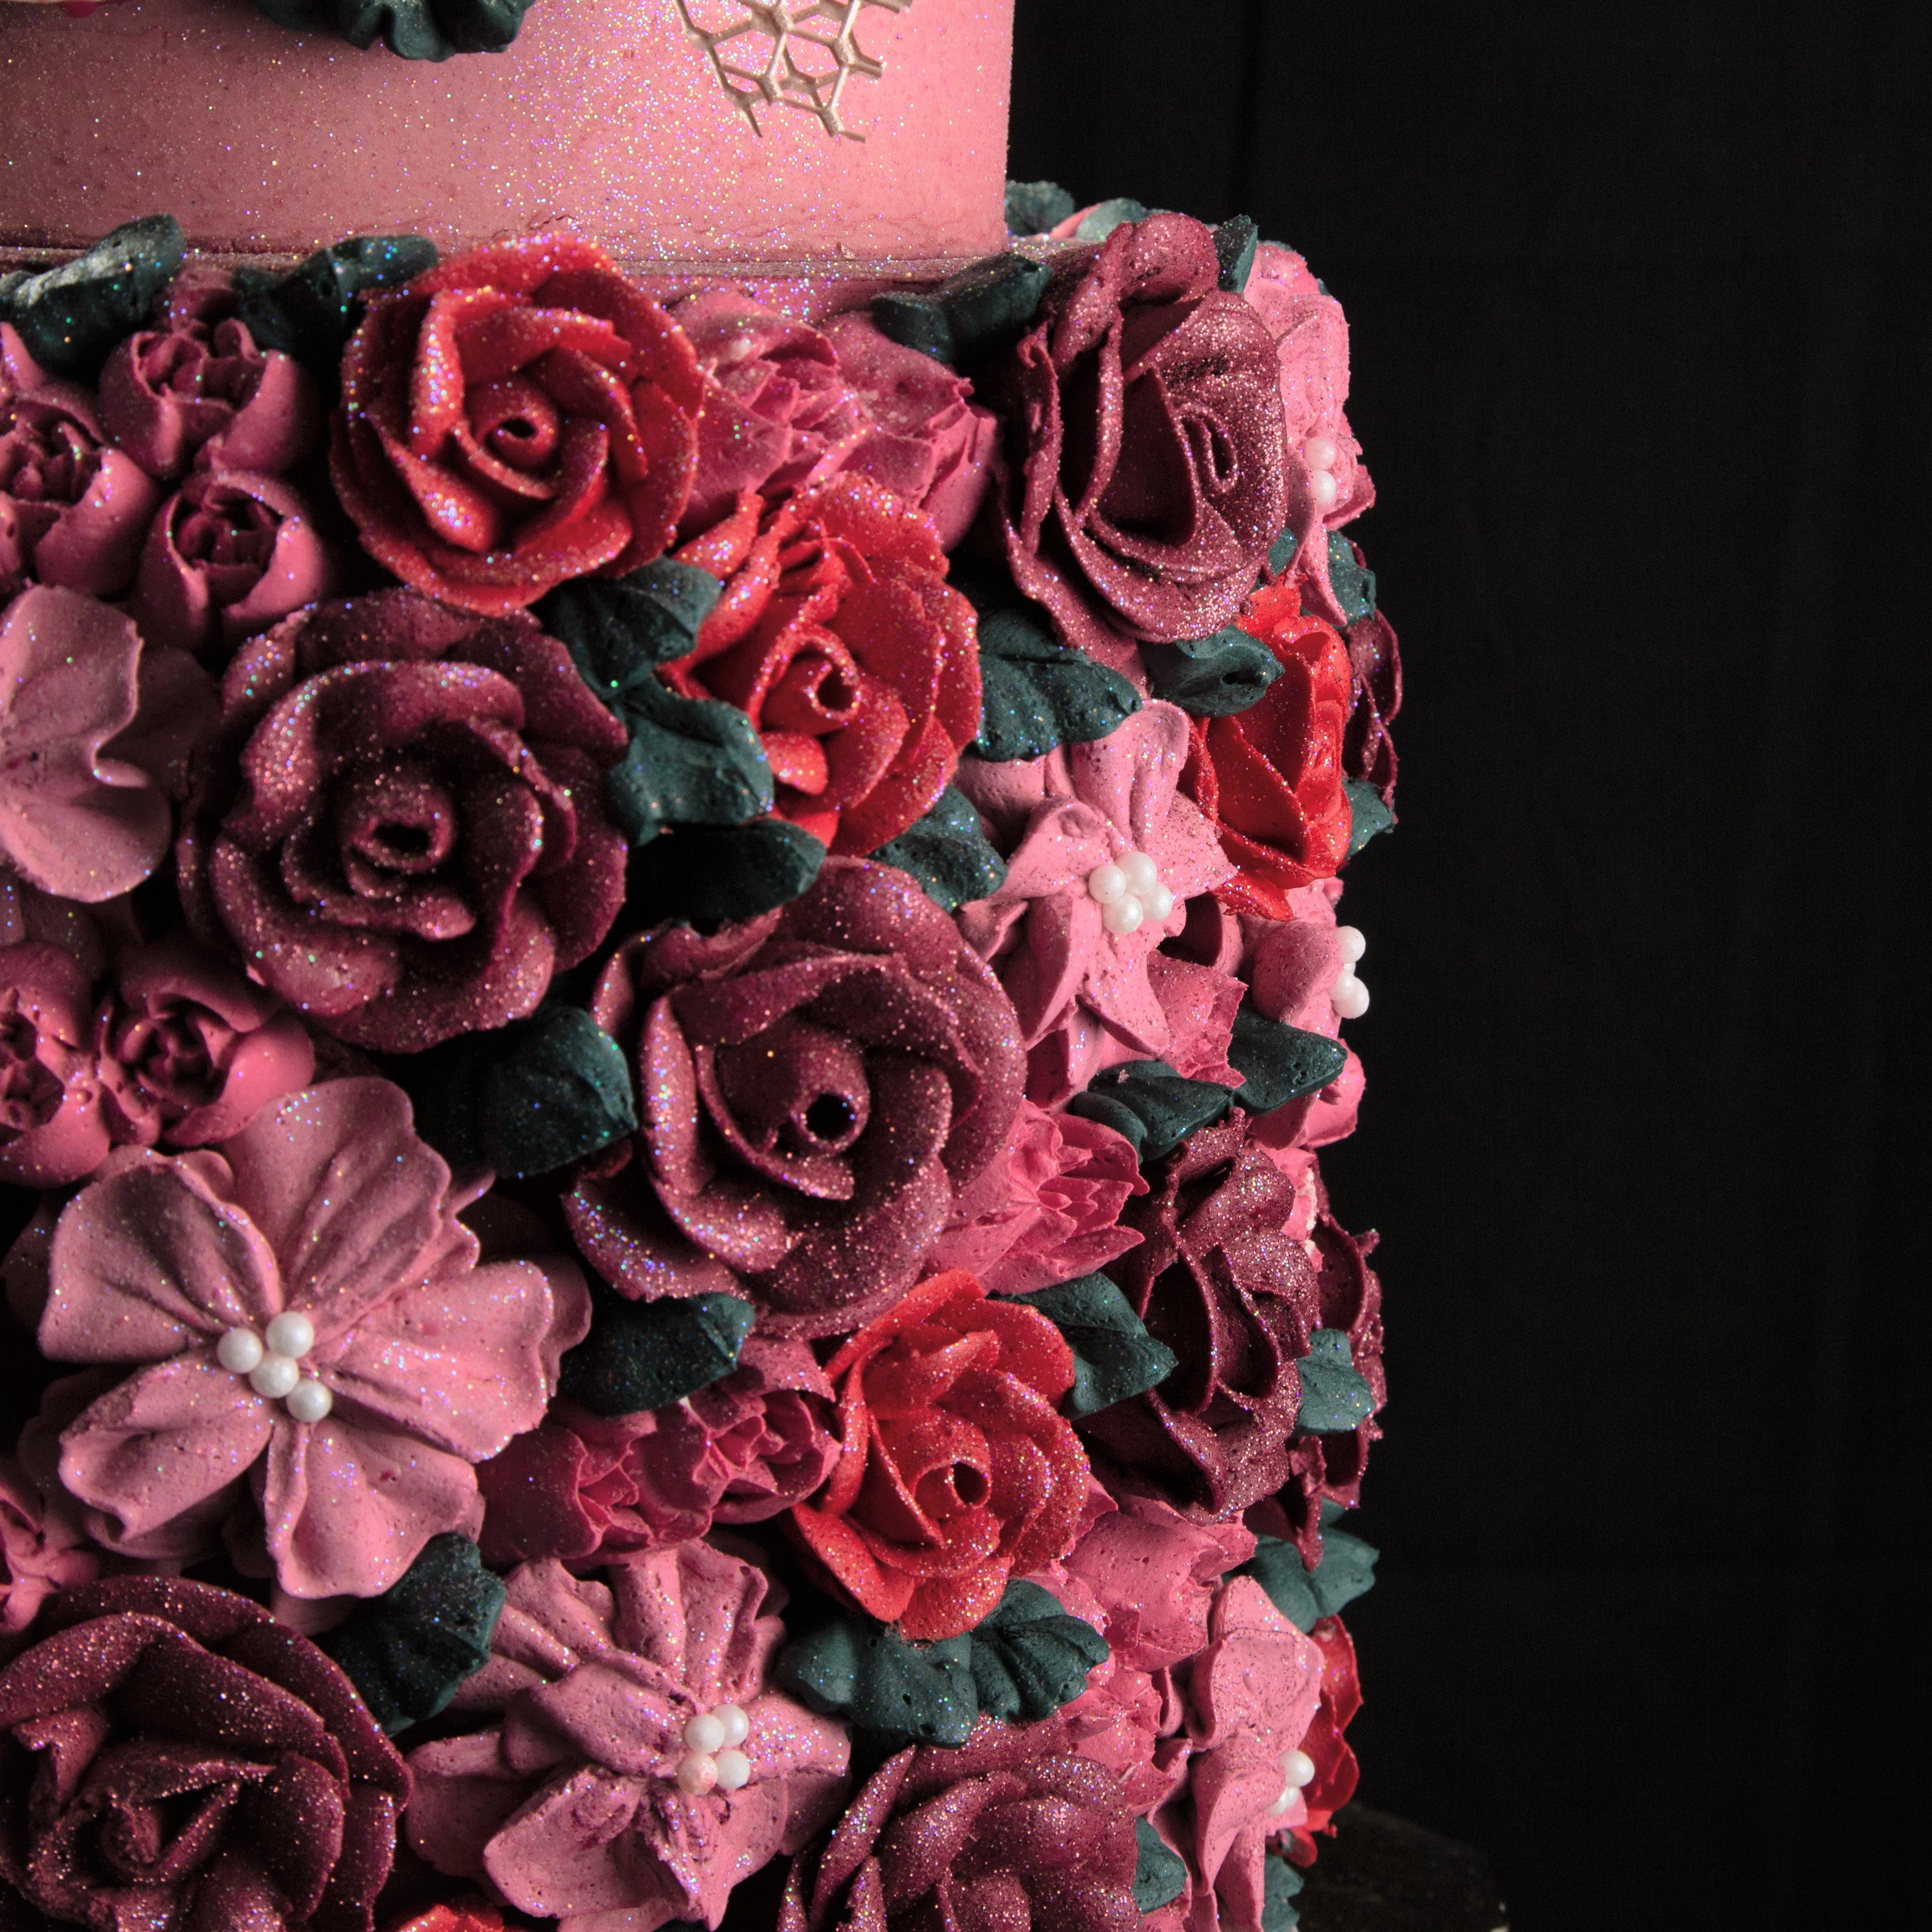 Romantic Rose close up